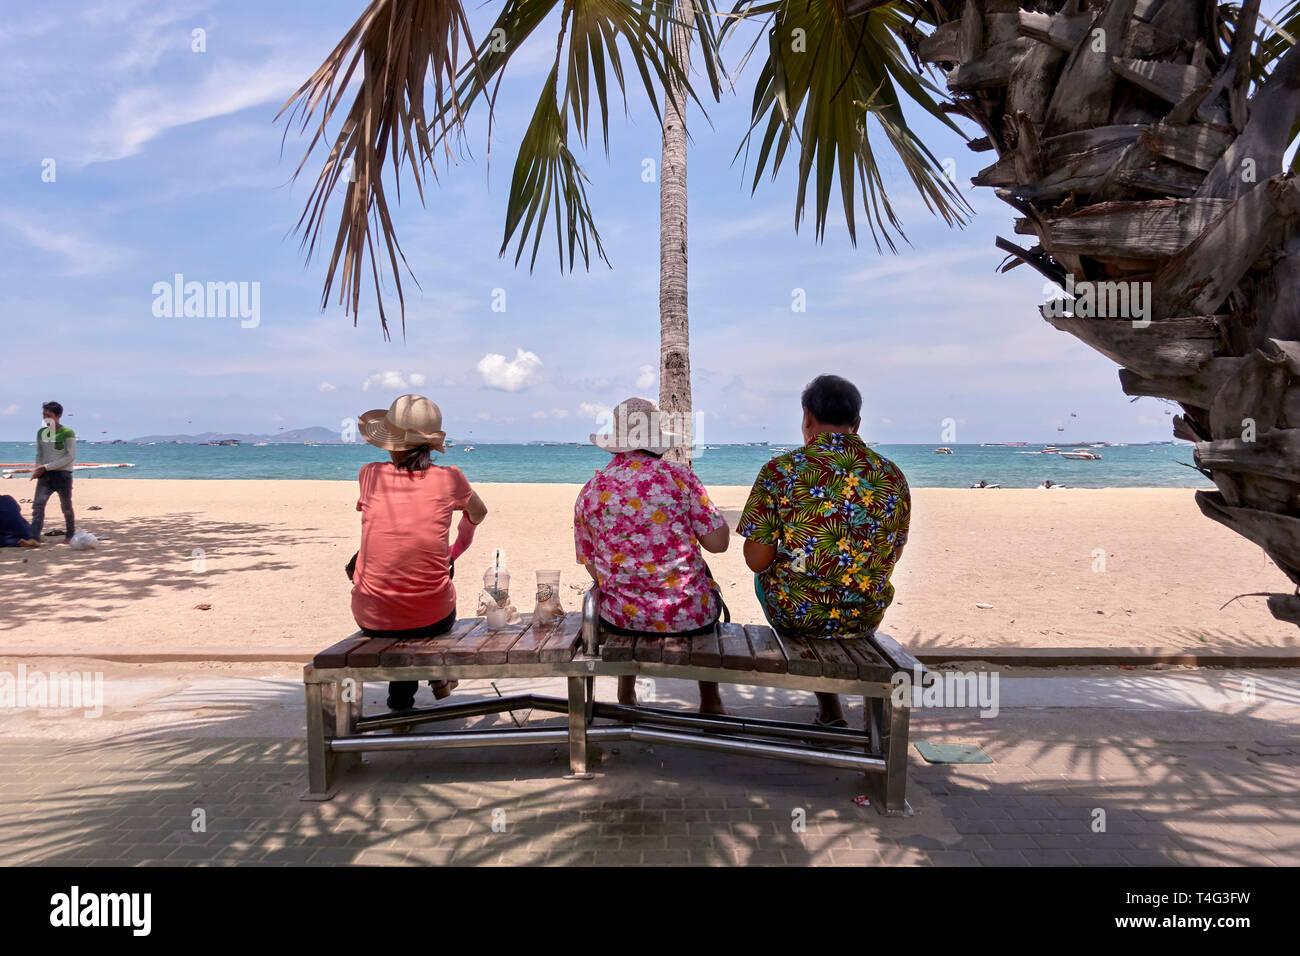 Tres personas. Hombre y dos acompañantes sentados en un banco y con vistas al mar en la playa de Pattaya, Tailandia, el sudeste de Asia Imagen De Stock